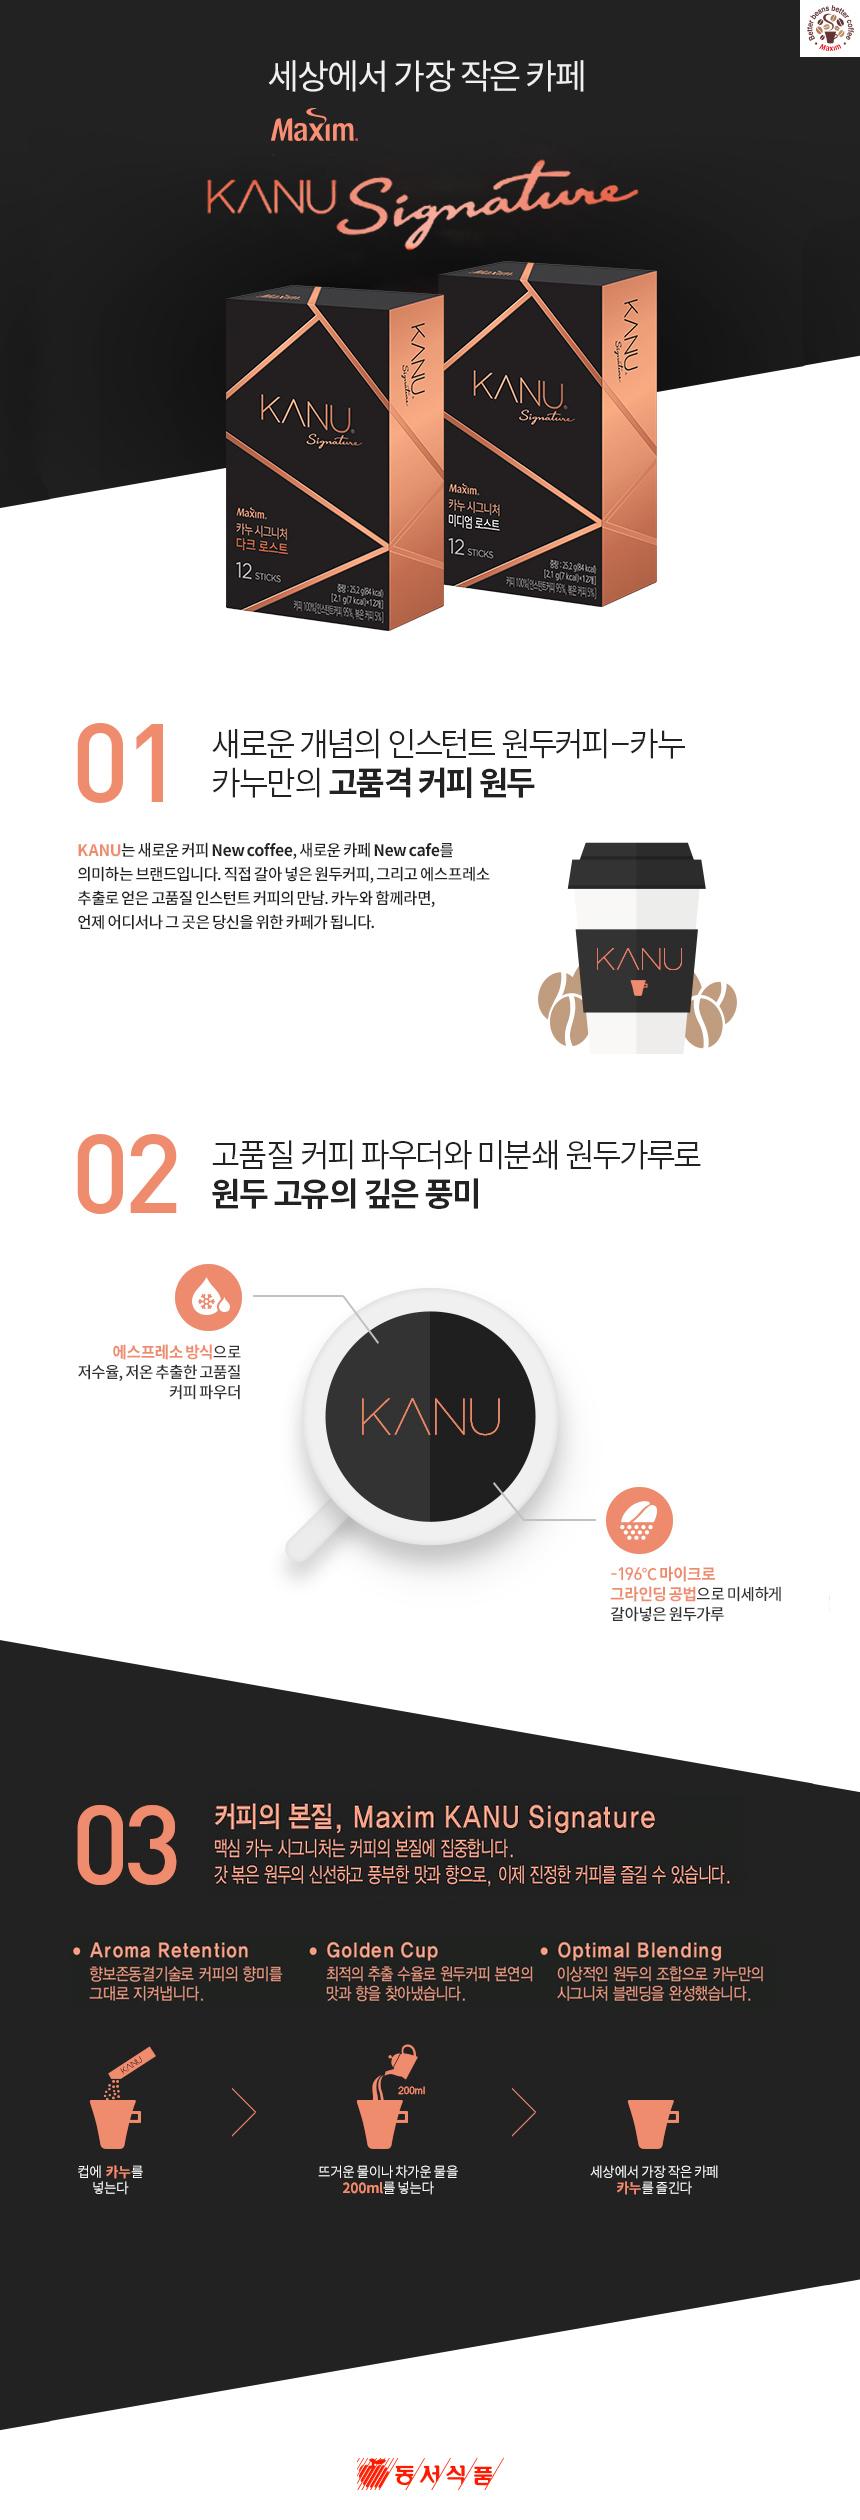 [ DongSuh ] Kanu Signature Midium 12T